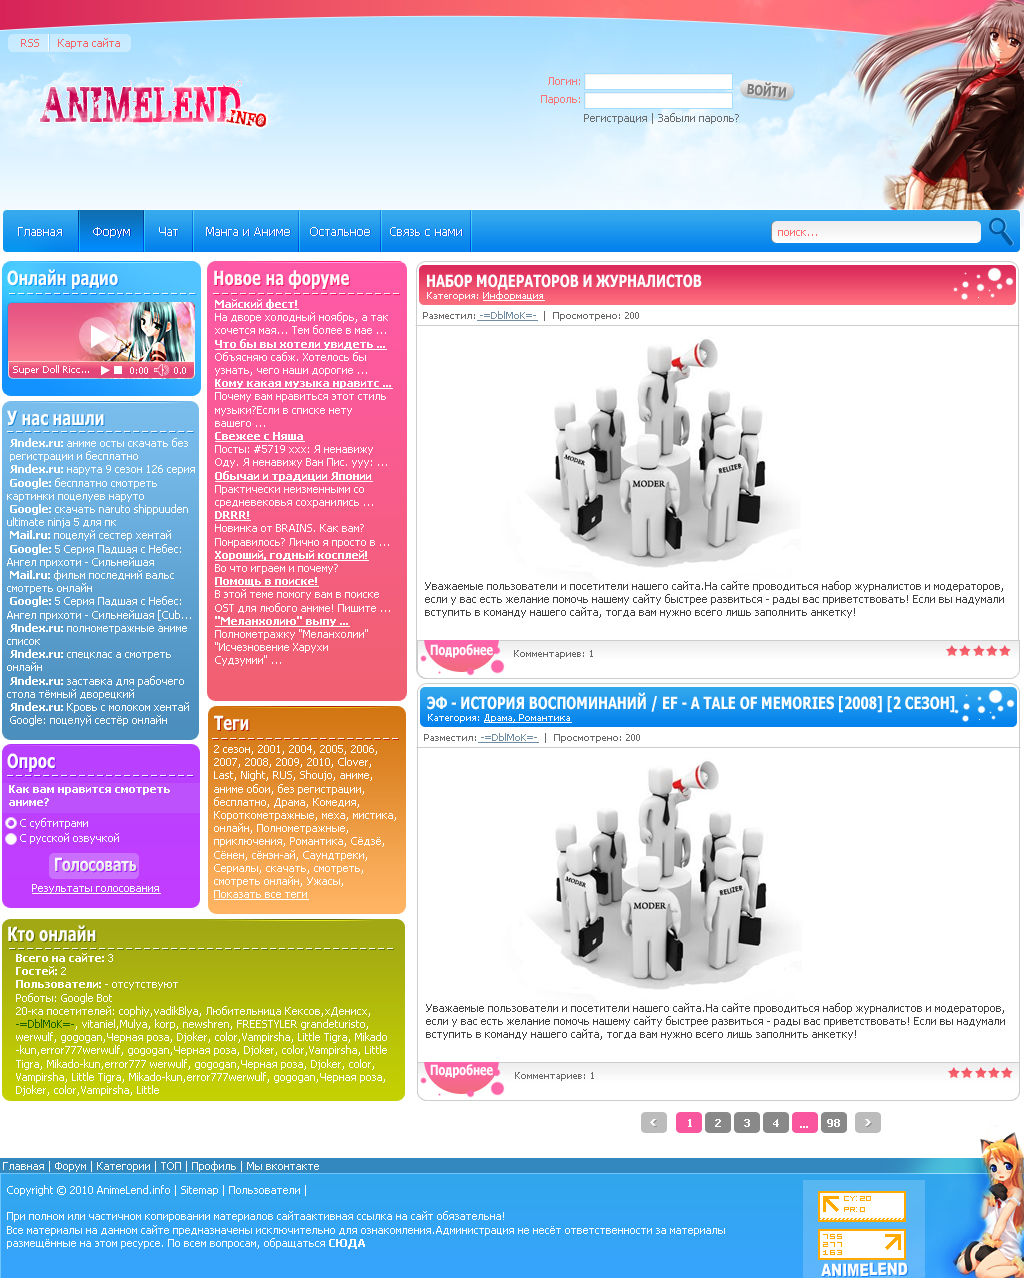 Дизайн для аниме сайта AnimeLend (PSD макет) купить